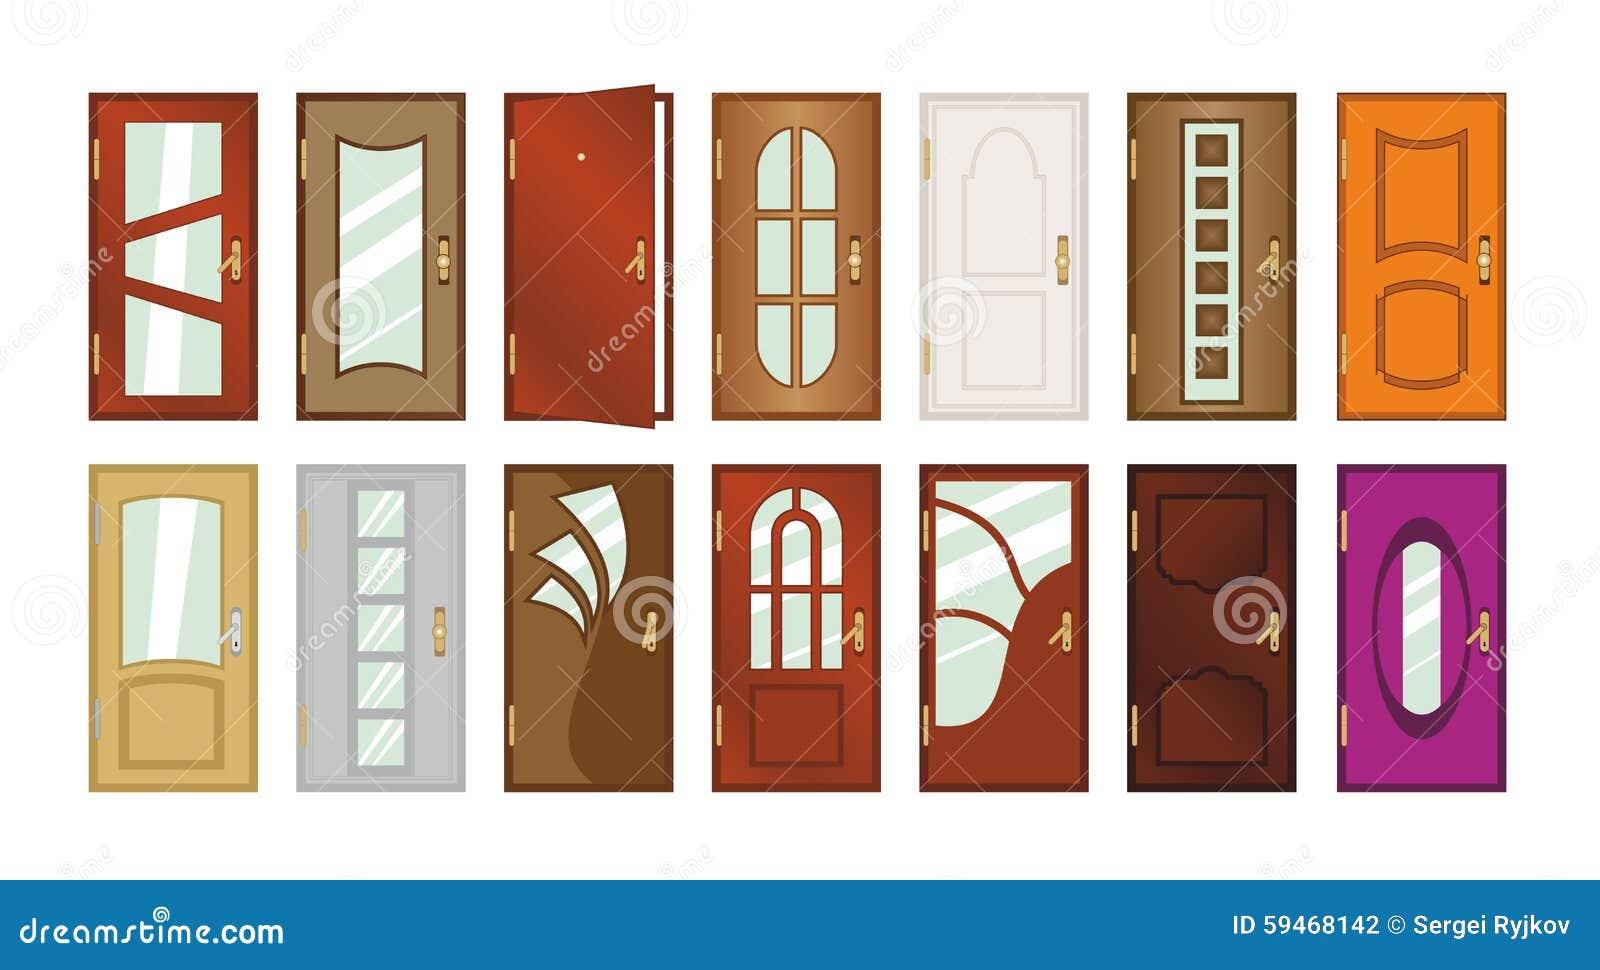 Sistema De Diversos Tipos De Puertas Stock De Ilustraci 243 N